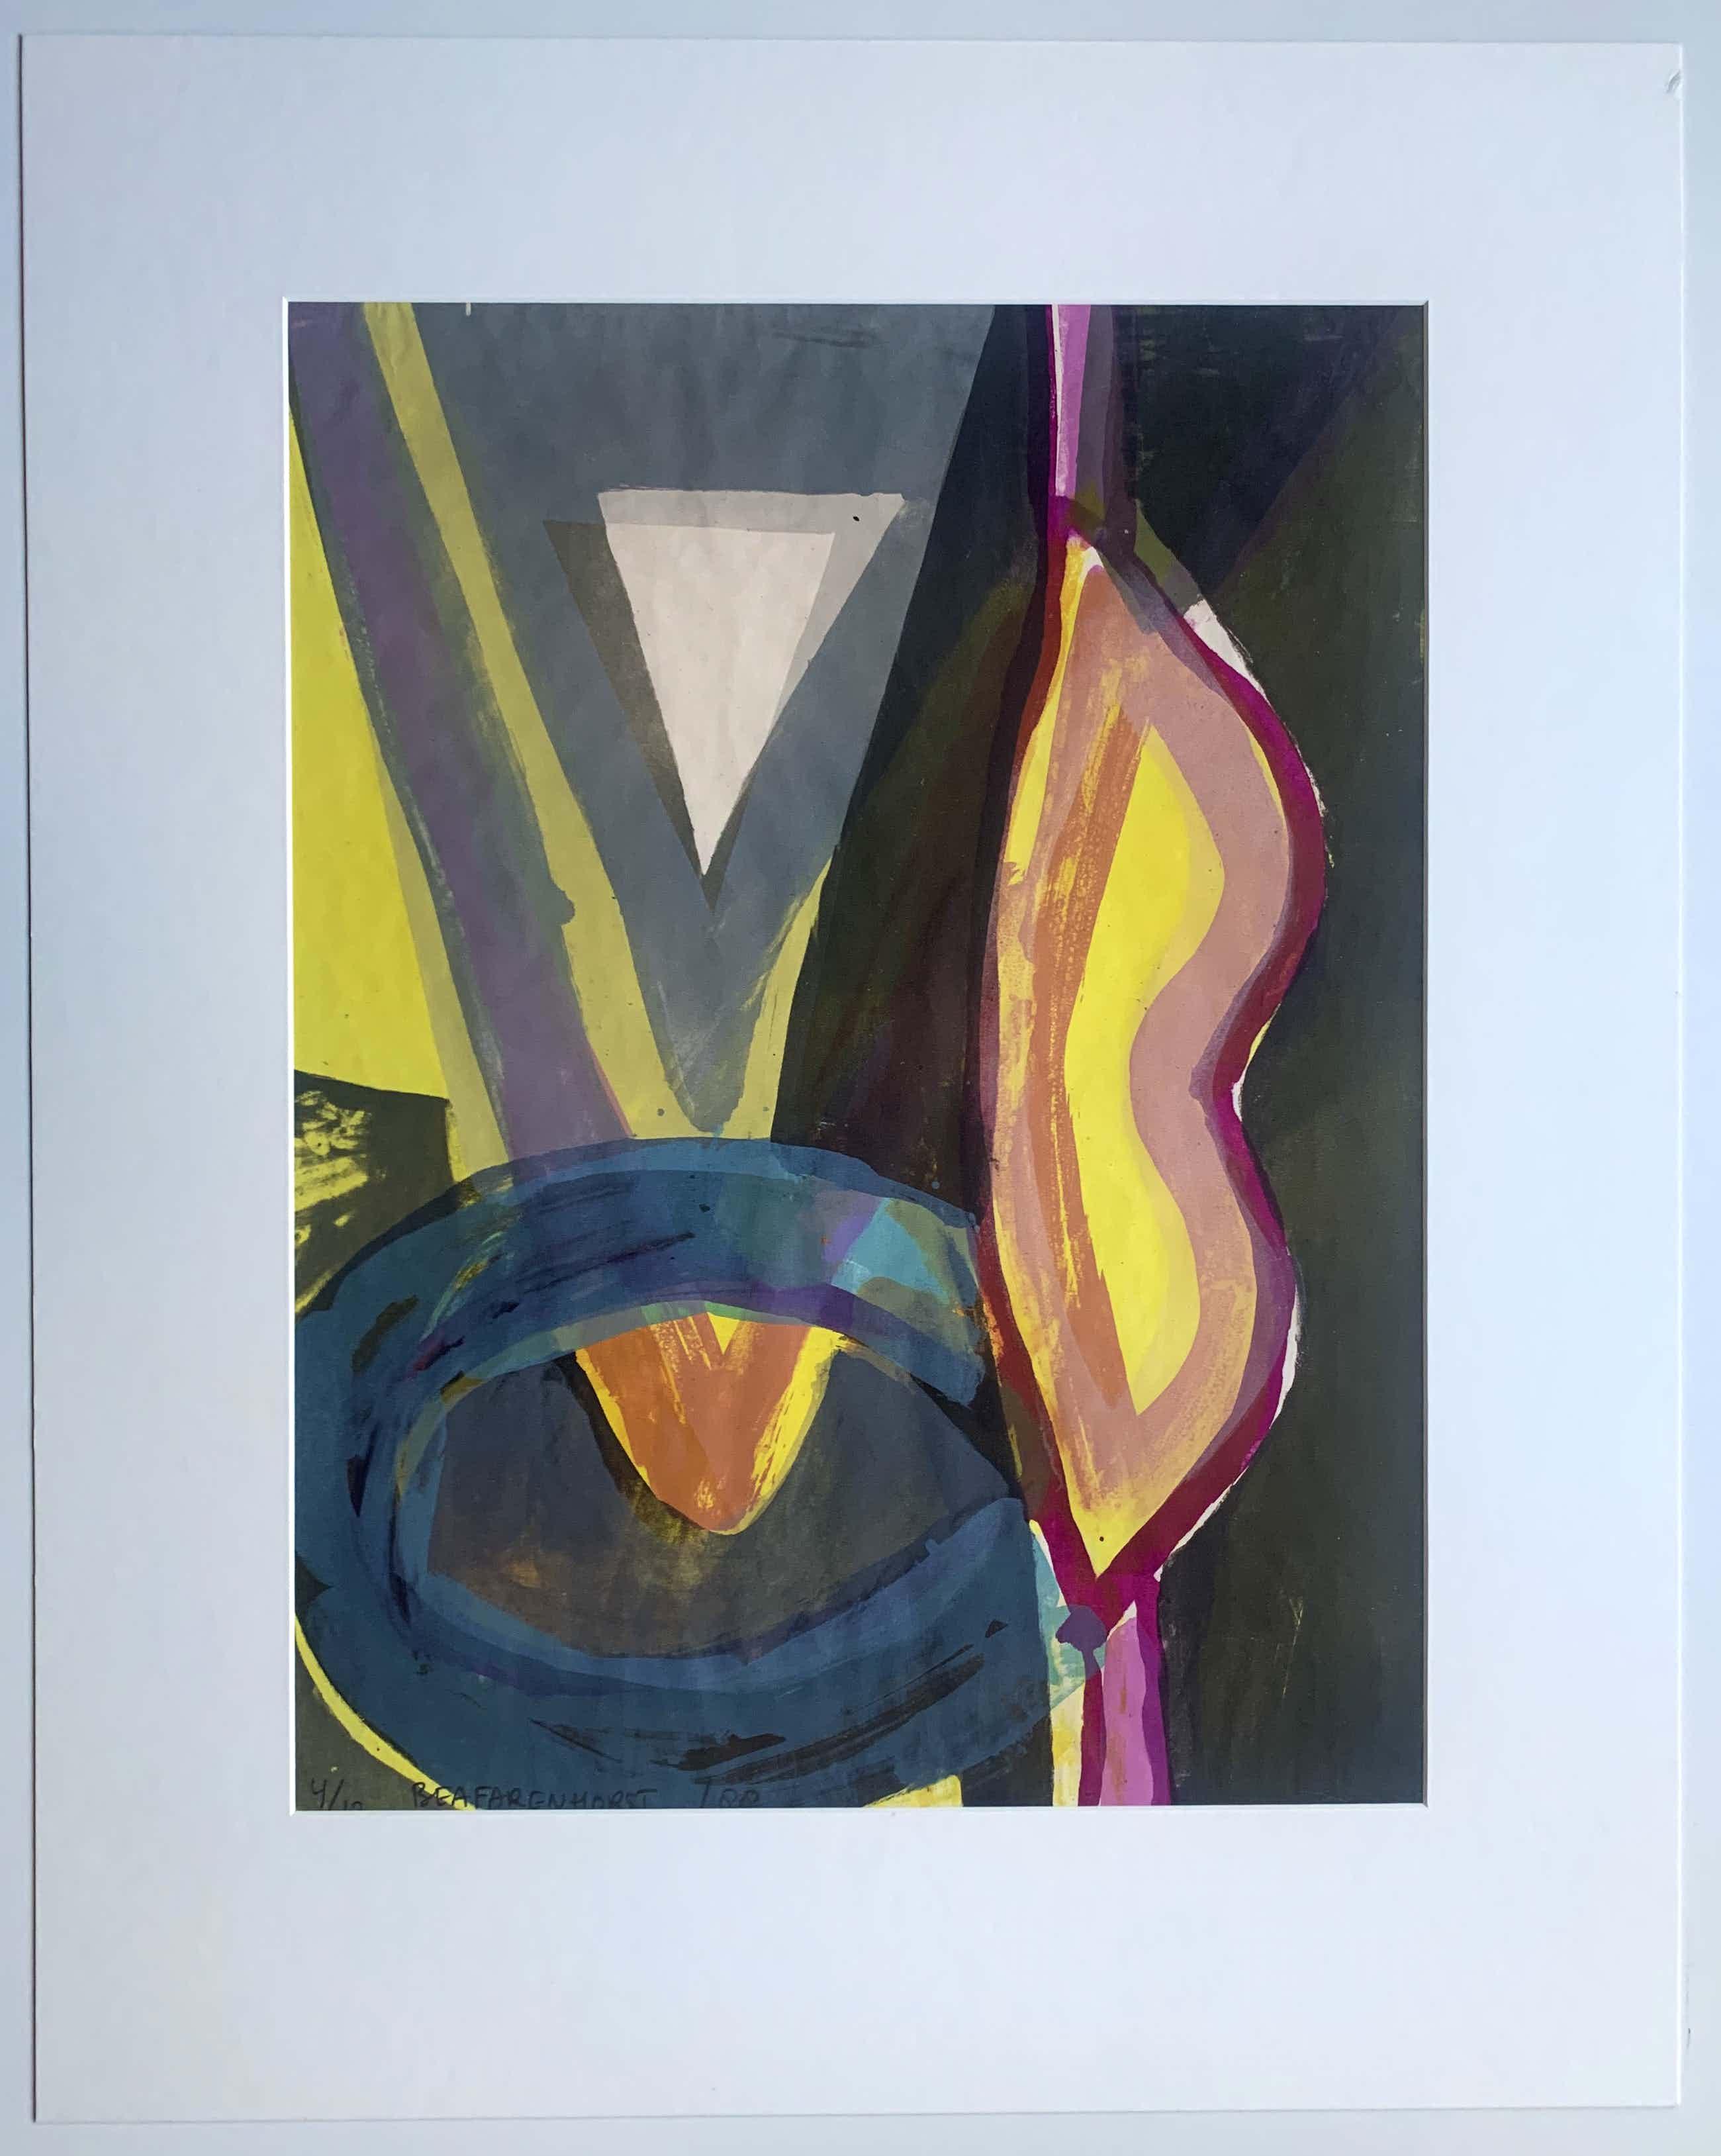 Bea Farenhorst - Kleurenzeefdruk | 'Zonder titel' | 1988 (Kleine oplage) kopen? Bied vanaf 45!